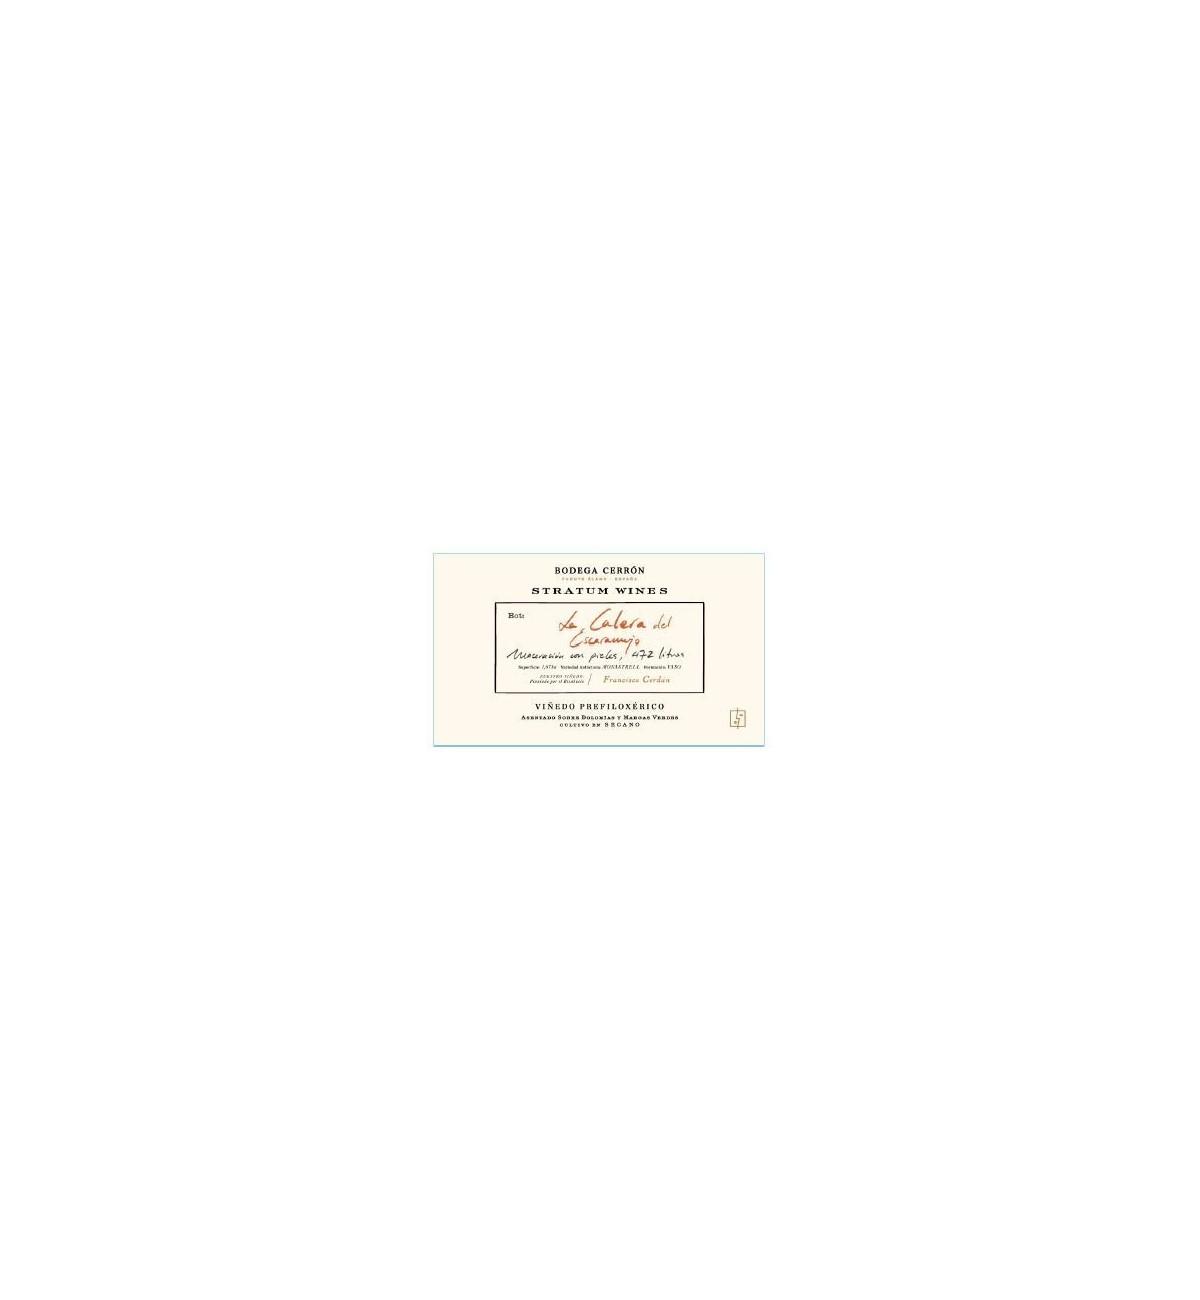 La Calera del Escaramujo 2019 - Bodega Cerrón - Stratum Wines, Monastrell, Fuente Álamo, DOP Jumilla